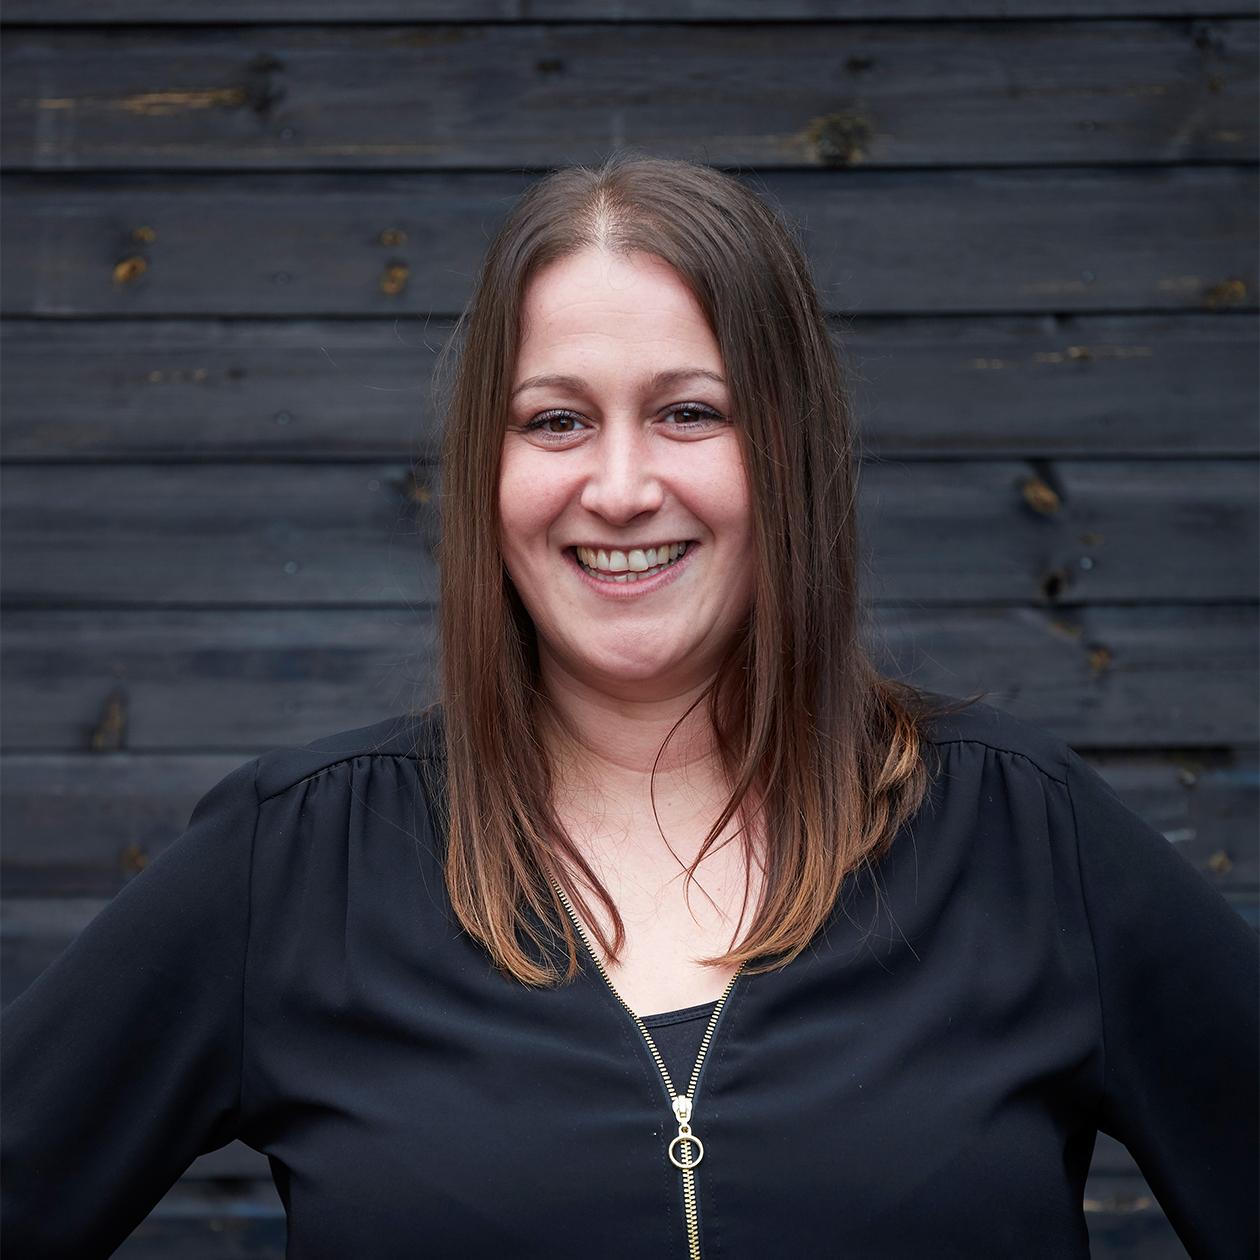 Chantal Wood